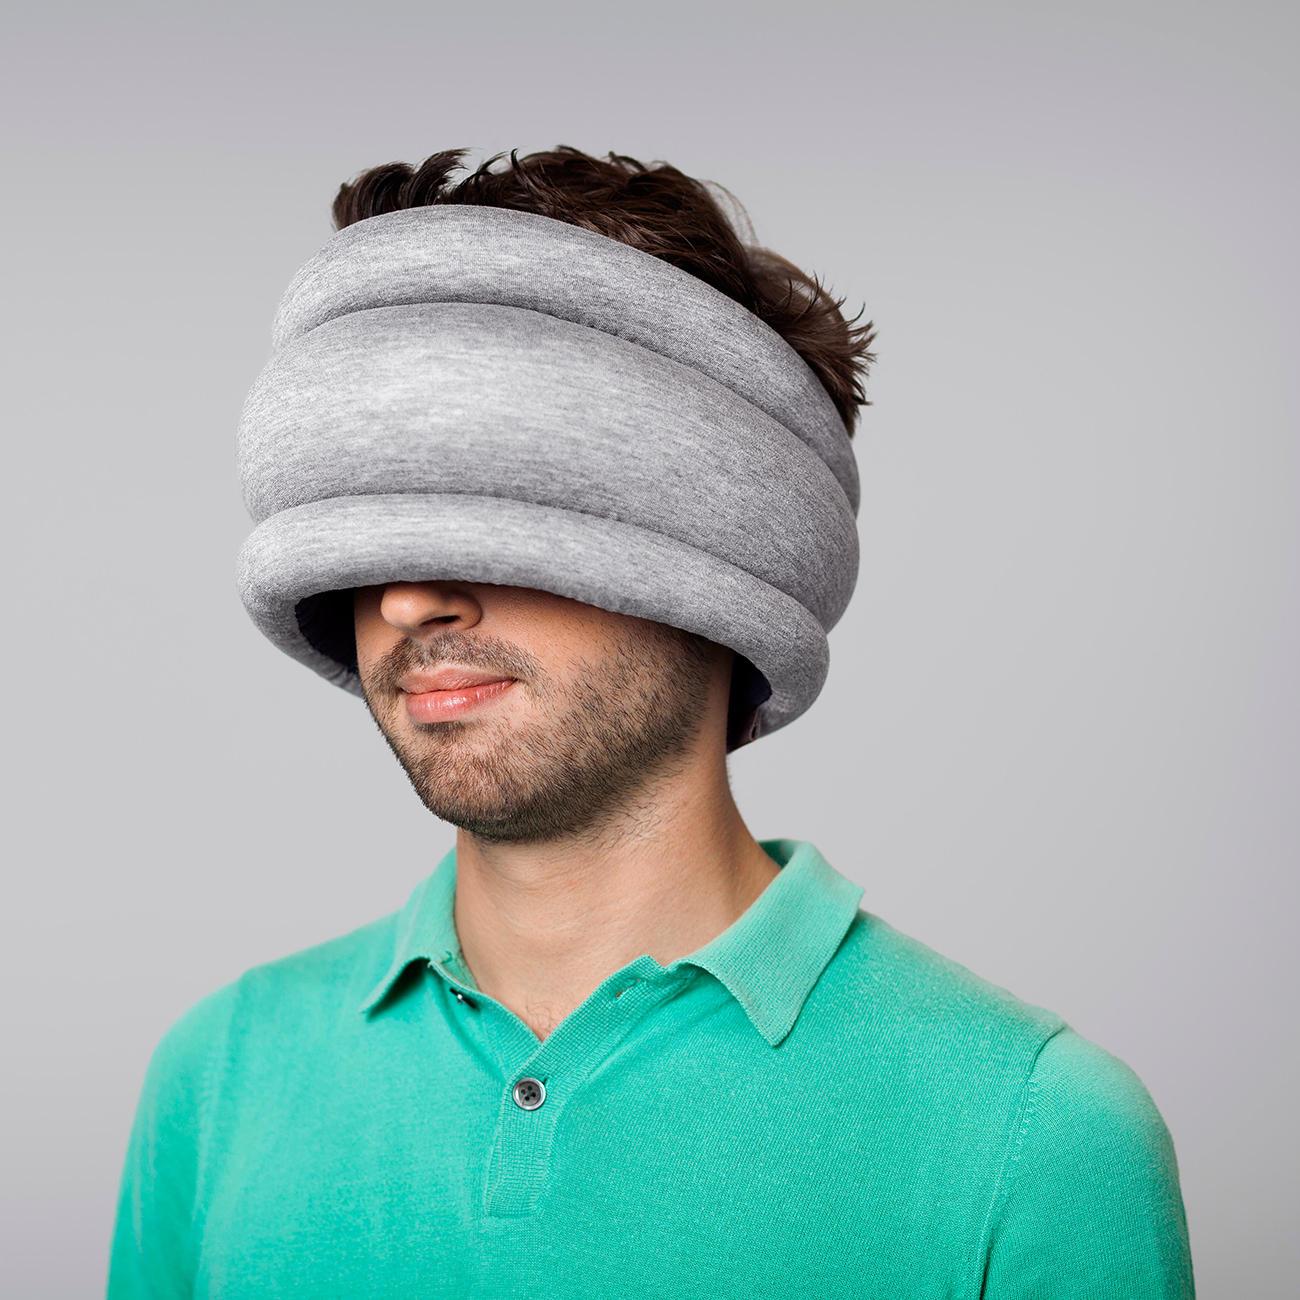 Ostrich Pillow 3 Jahre Garantie Pro Idee